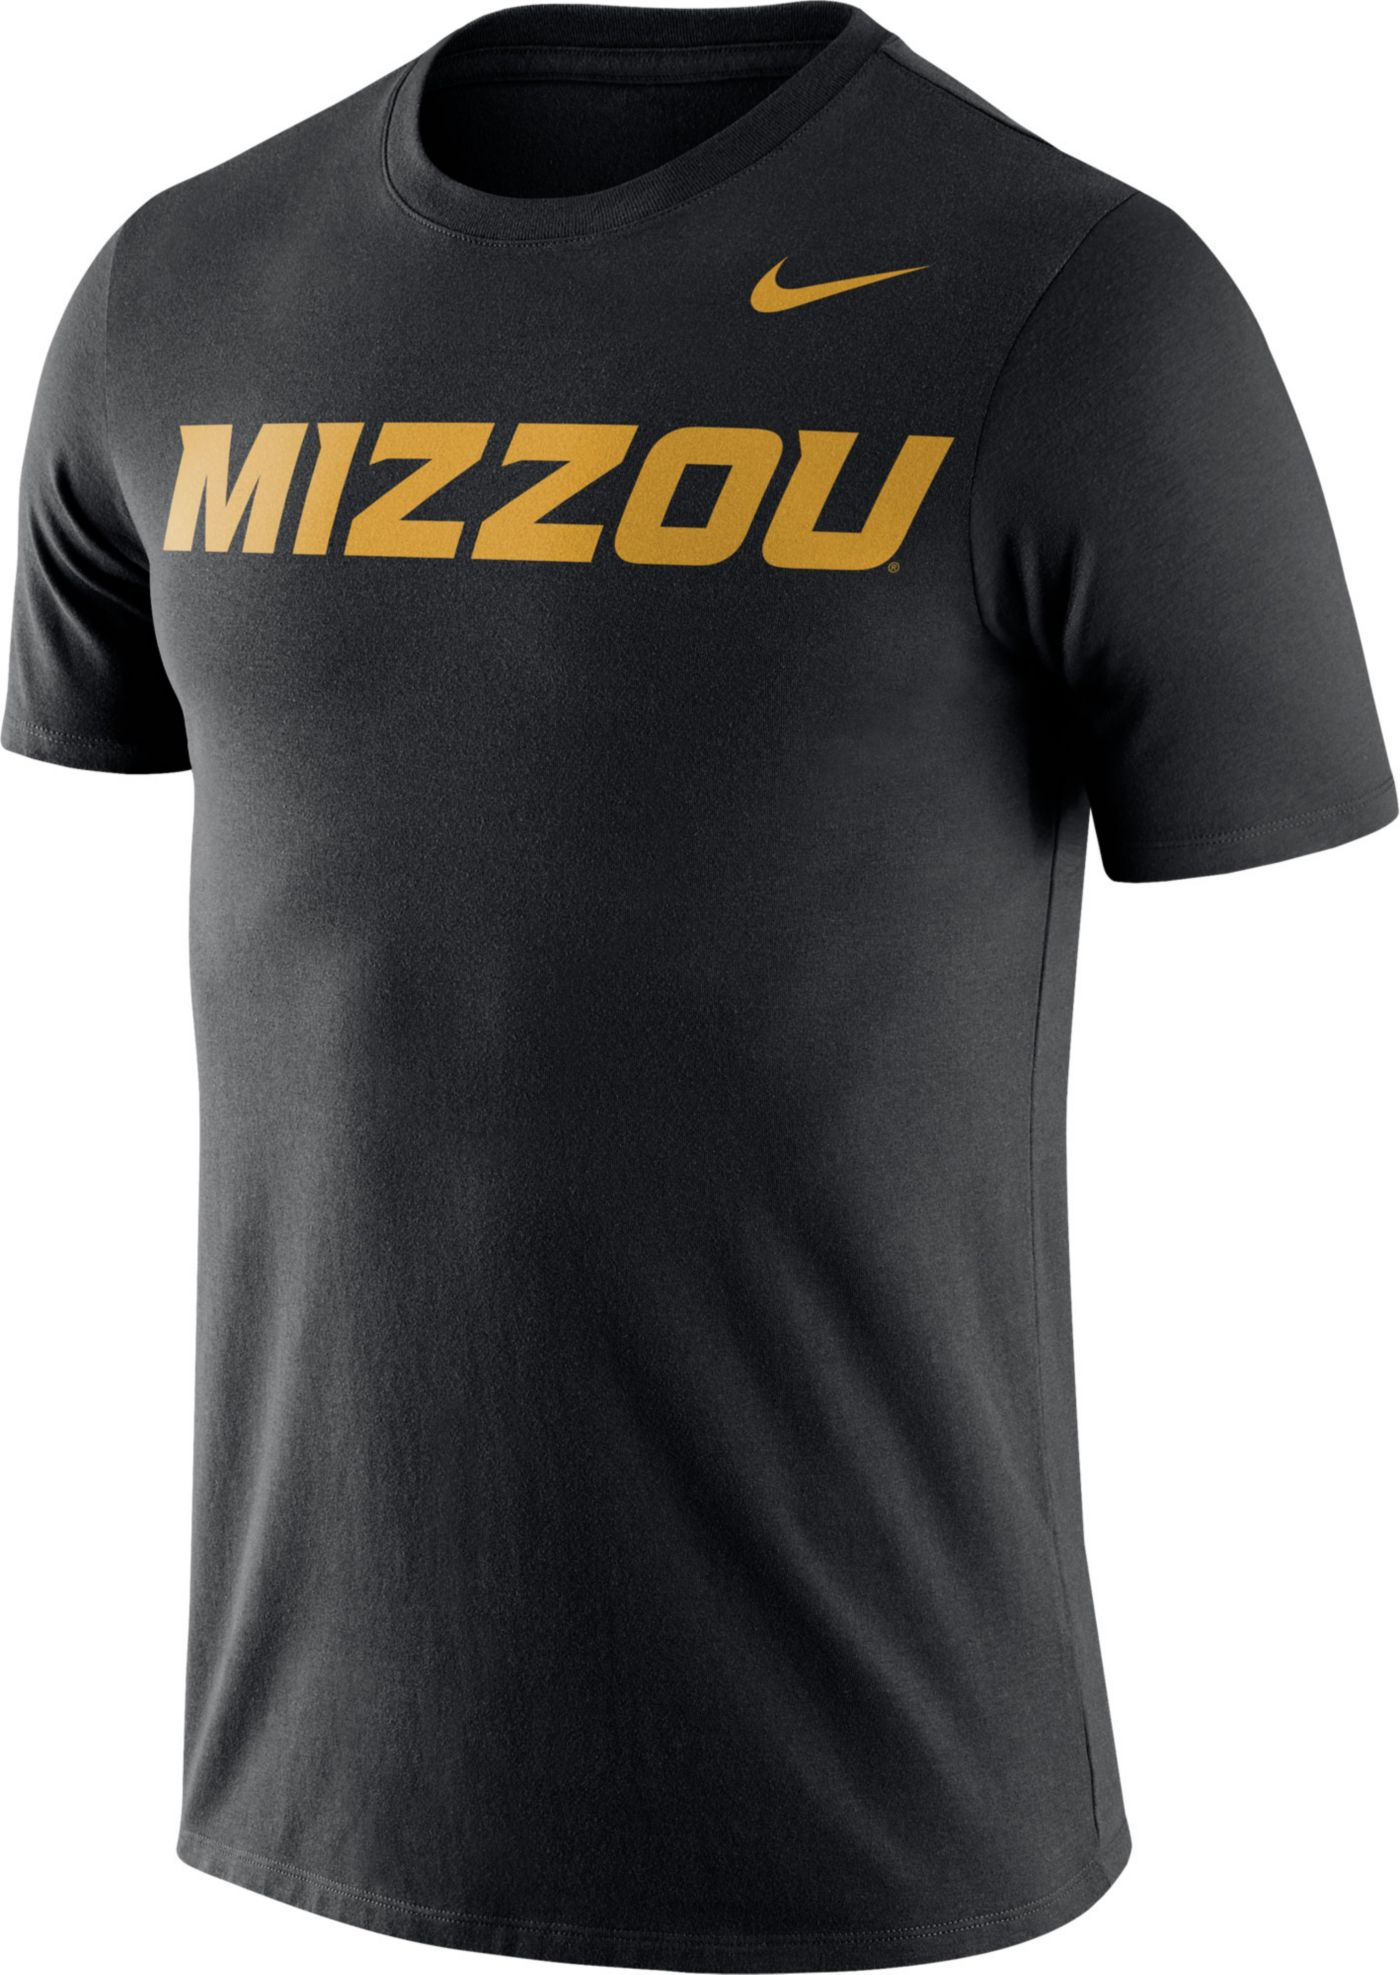 Nike Men's Missouri Tigers Dri-FIT Cotton Word Black T-Shirt